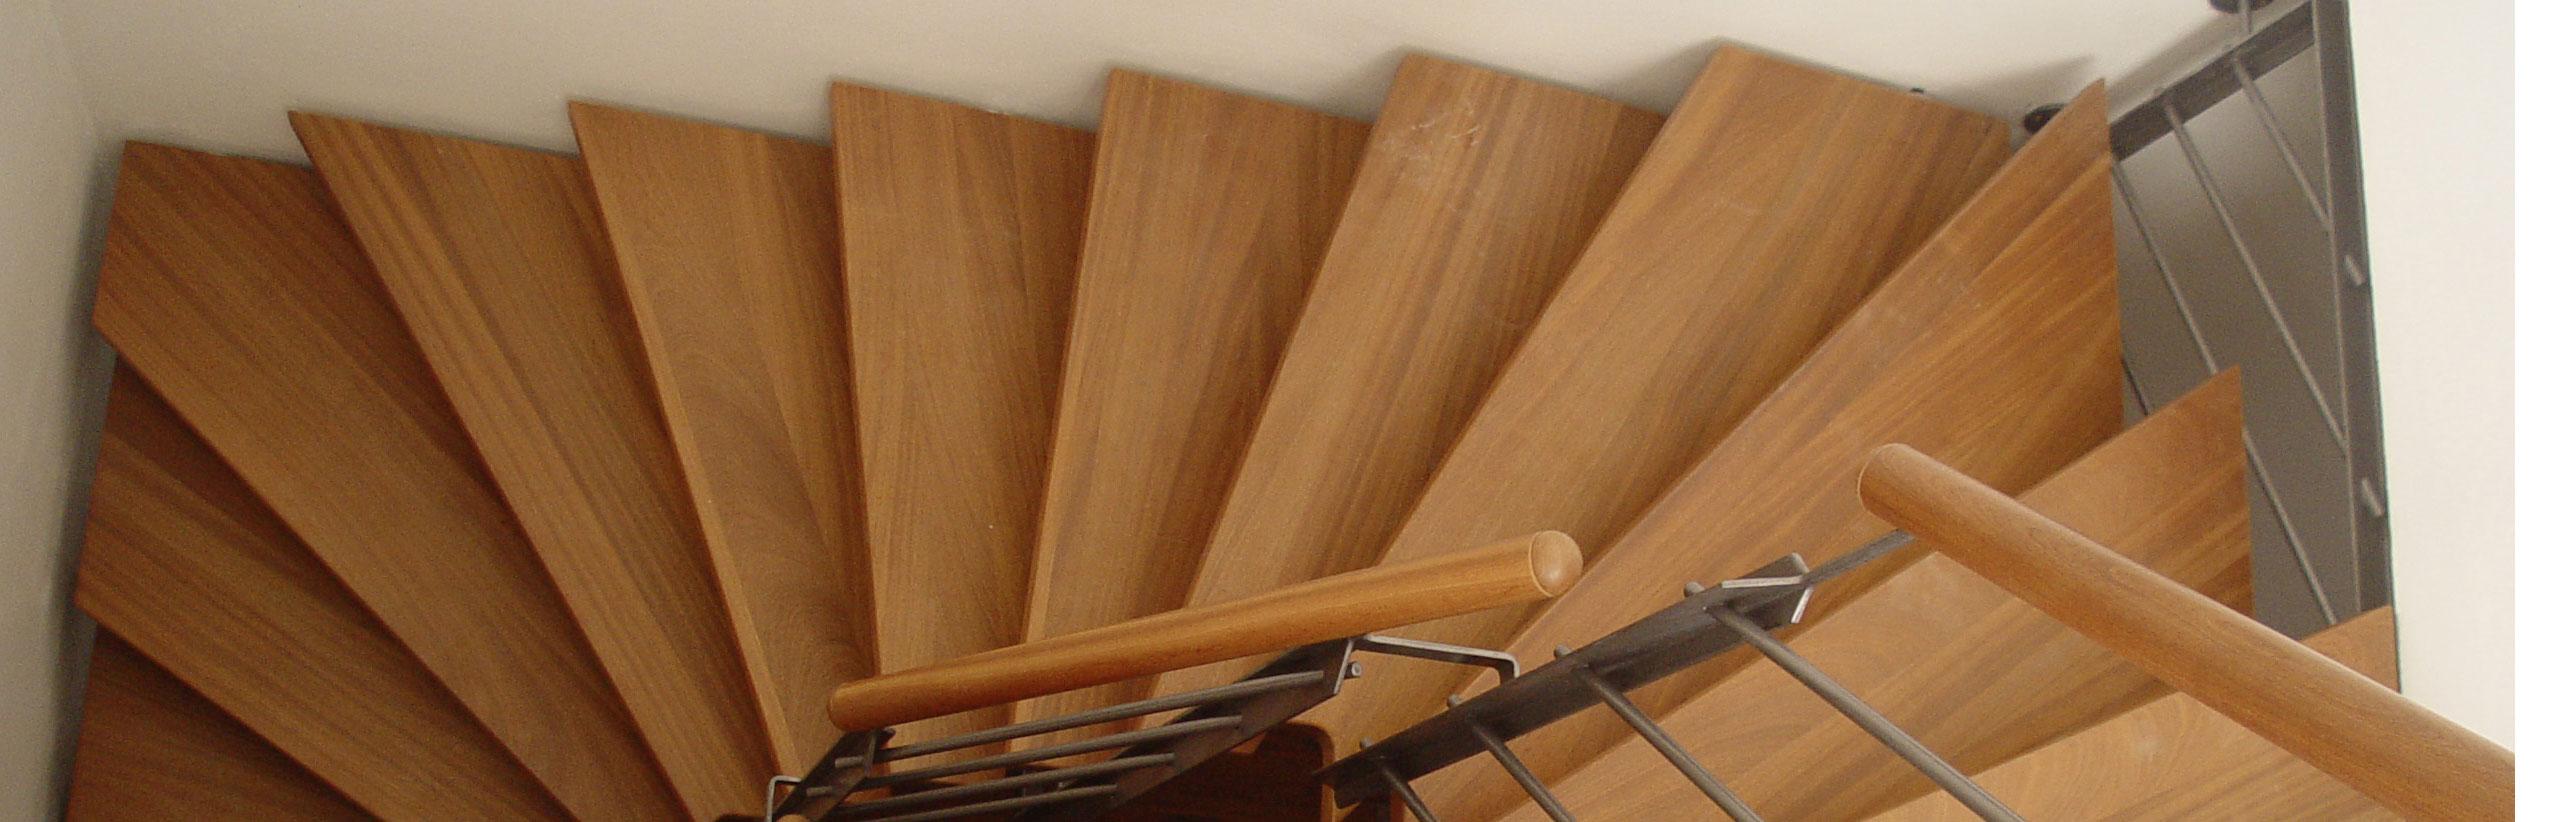 treppenstufen aus holz treppenstufen holz eiche geolt treppenstufen aus holz treppenstufen. Black Bedroom Furniture Sets. Home Design Ideas